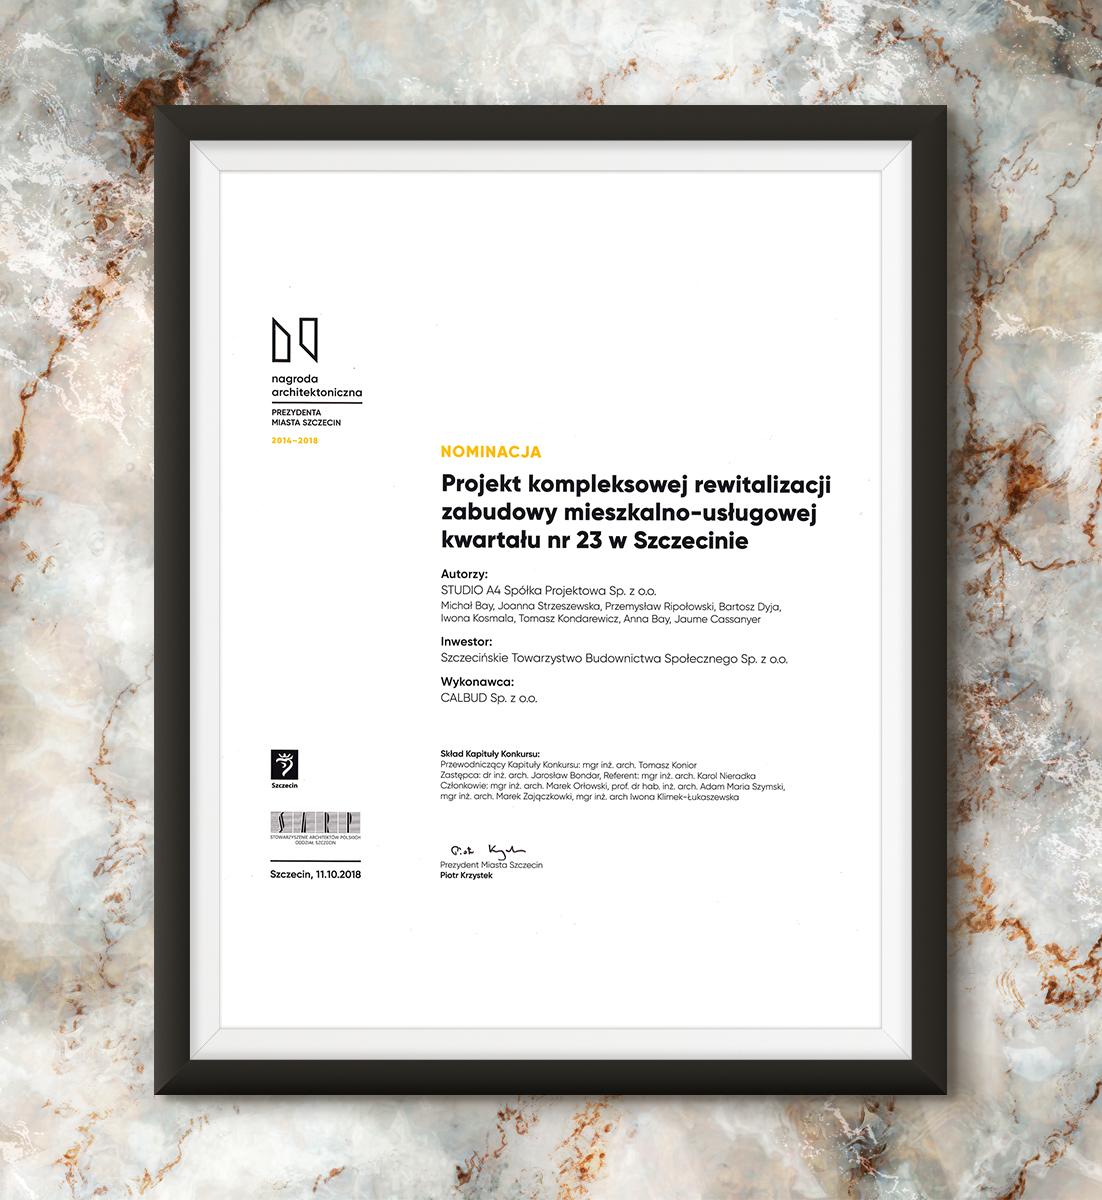 Nagroda Architektoniczna Prezydenta Miasta Szczecin 2014-2018 - Kwartał 23